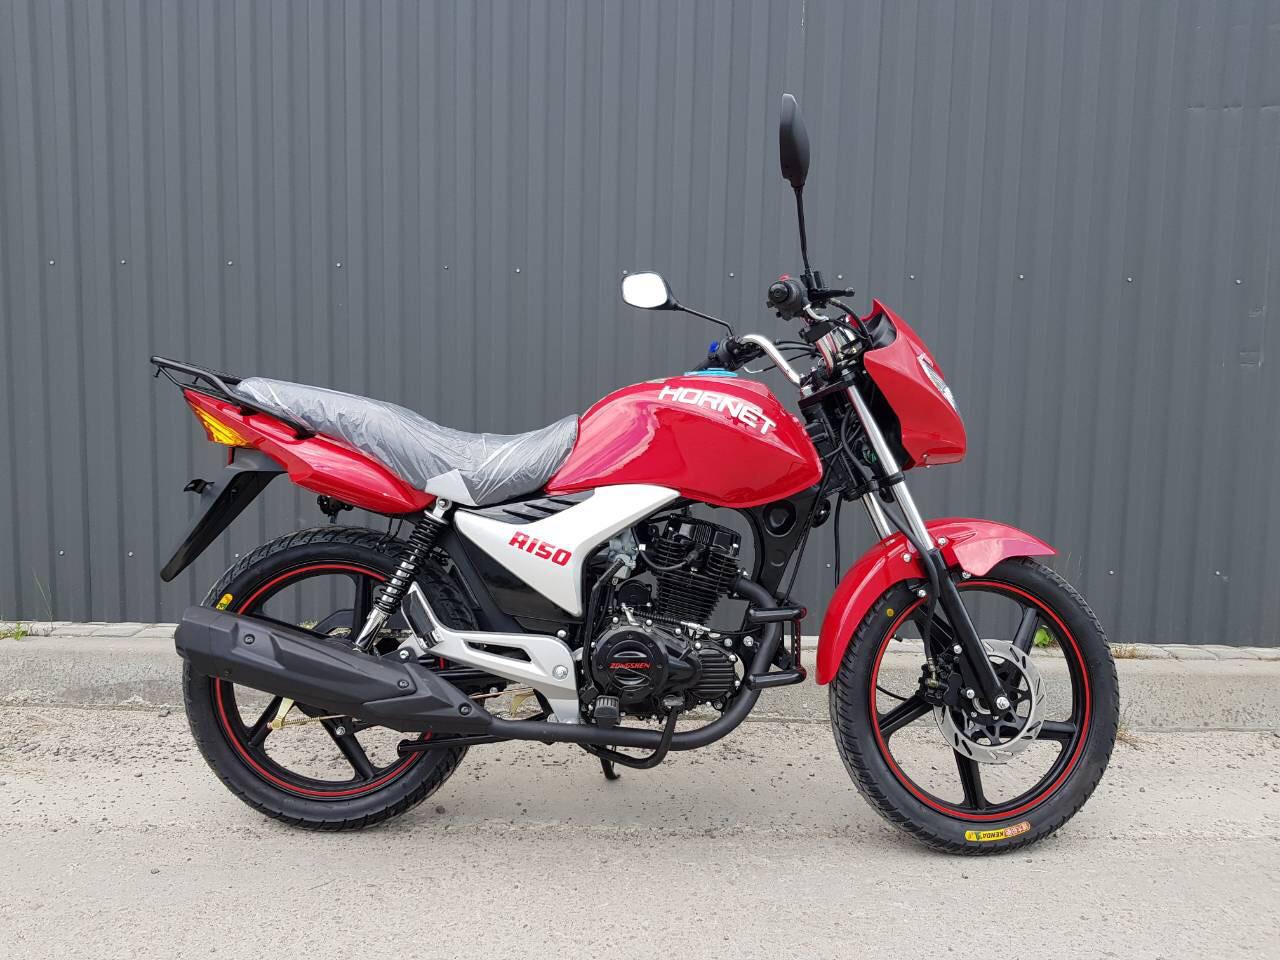 Мотоцикл HORNET R-150 (150куб.см), красный